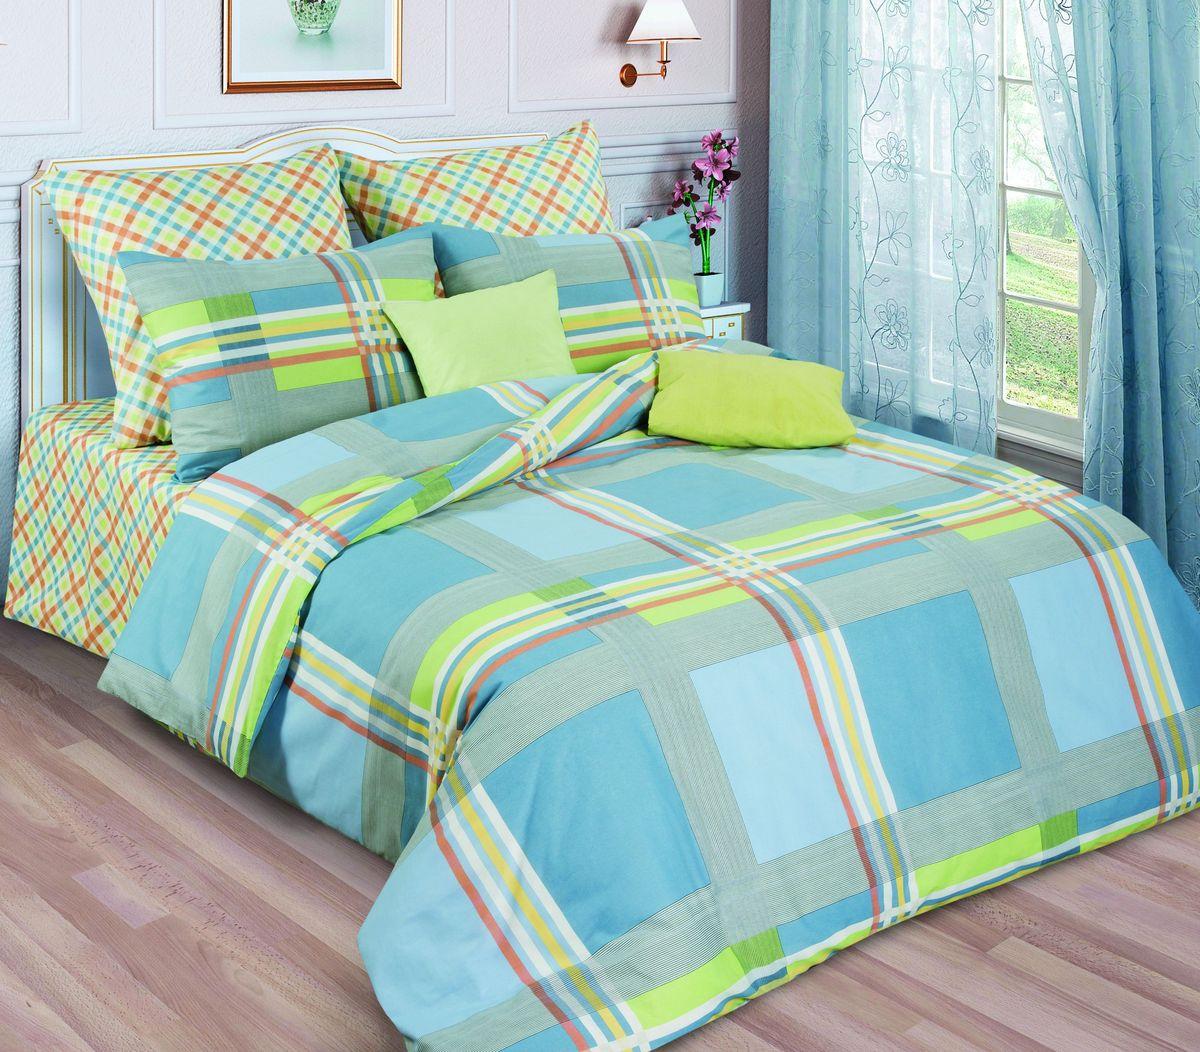 Комплект белья Диана La Vanille, 1,5-спальный, наволочки 70х70, цвет: зеленый, серый, голубой. С-644/2-143-150-70С-644/2-143-150-70Комплект постельного белья Диана La Vanille состоит из пододеяльника, простыни и двух наволочек. Белье бесшовное, оформлено оригинальным рисунком и имеет изысканный внешний вид. Изготовлено из бязи люкс (100% хлопка).Бязь - это ткань из экологически чистого и натурального 100% хлопка. Неоспоримым плюсом белья из такой ткани является мягкость и легкость, она прекрасно пропускает воздух, приятна на ощупь, не образует катышков на поверхности и за ней легко ухаживать. При соблюдении рекомендаций по уходу это белье выдерживает много стирок, не линяет и не теряет свою первоначальную прочность. Уникальная ткань обеспечивает легкую глажку.Приобретая комплект постельного белья Диана La Vanille, вы можете быть уверенны в том, что покупка доставит вам и вашим близким удовольствие и подарит максимальный комфорт.